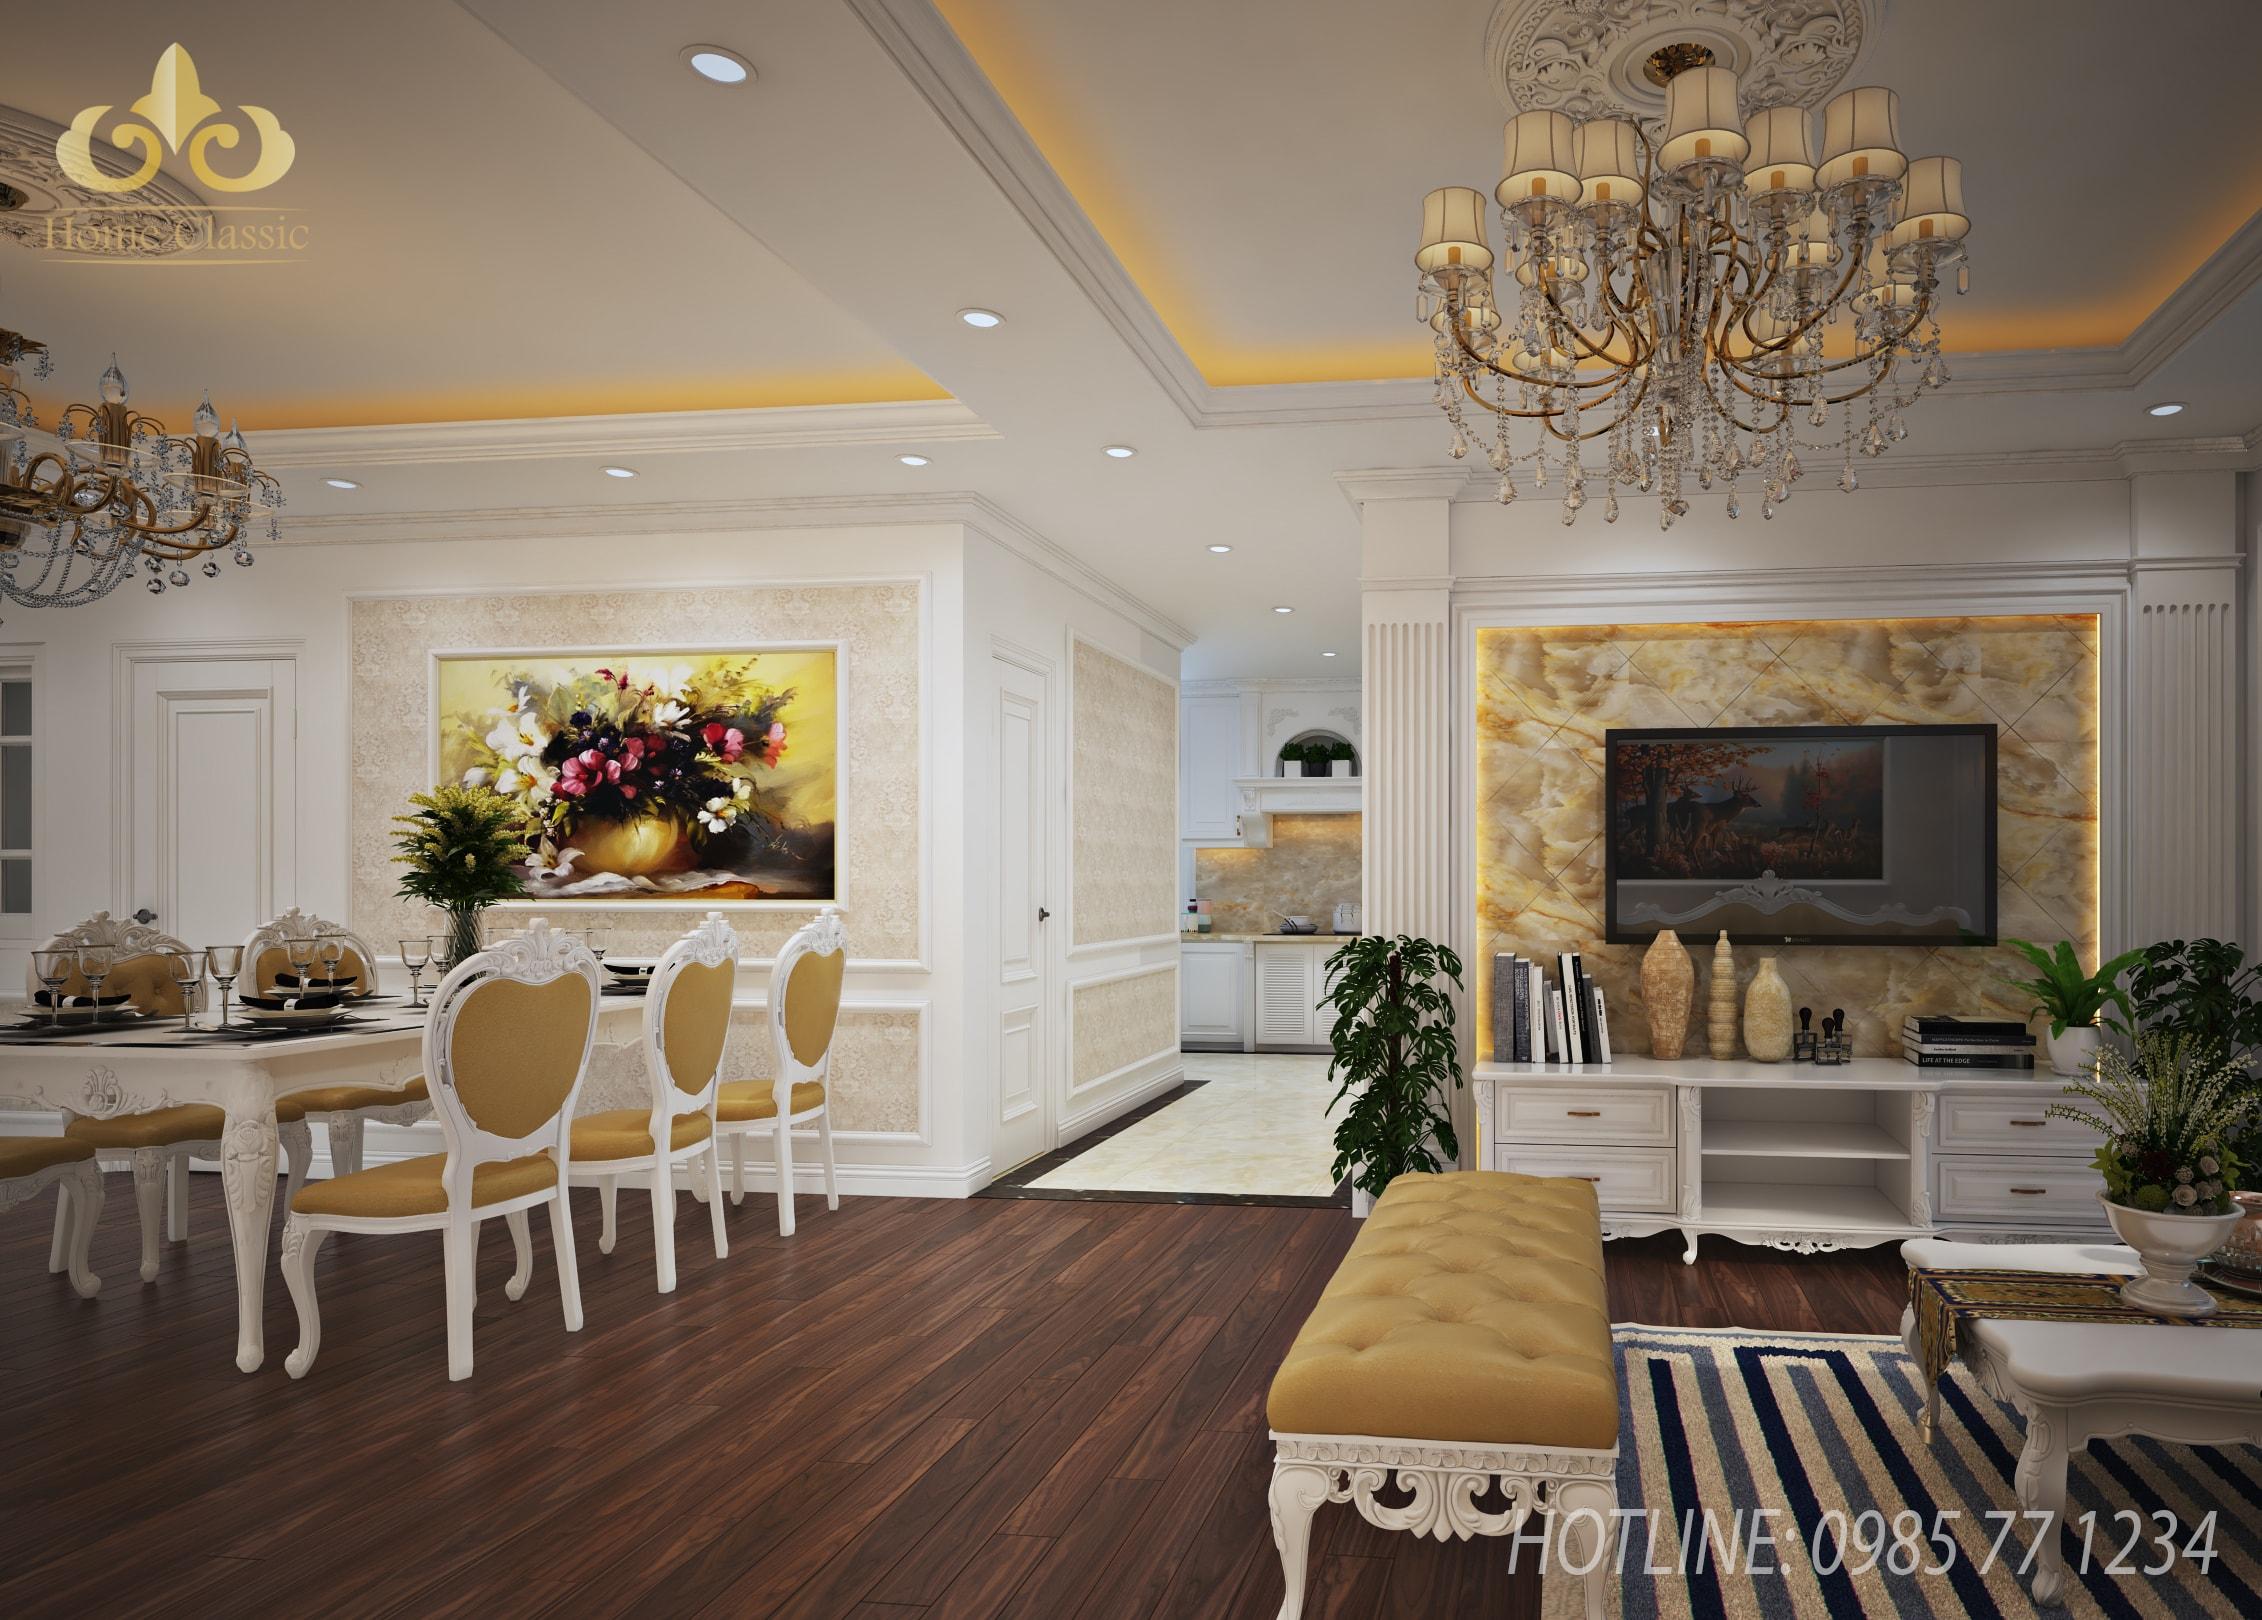 THiết kê nội thất chung cư tân cổ điển- cổ điển 2311